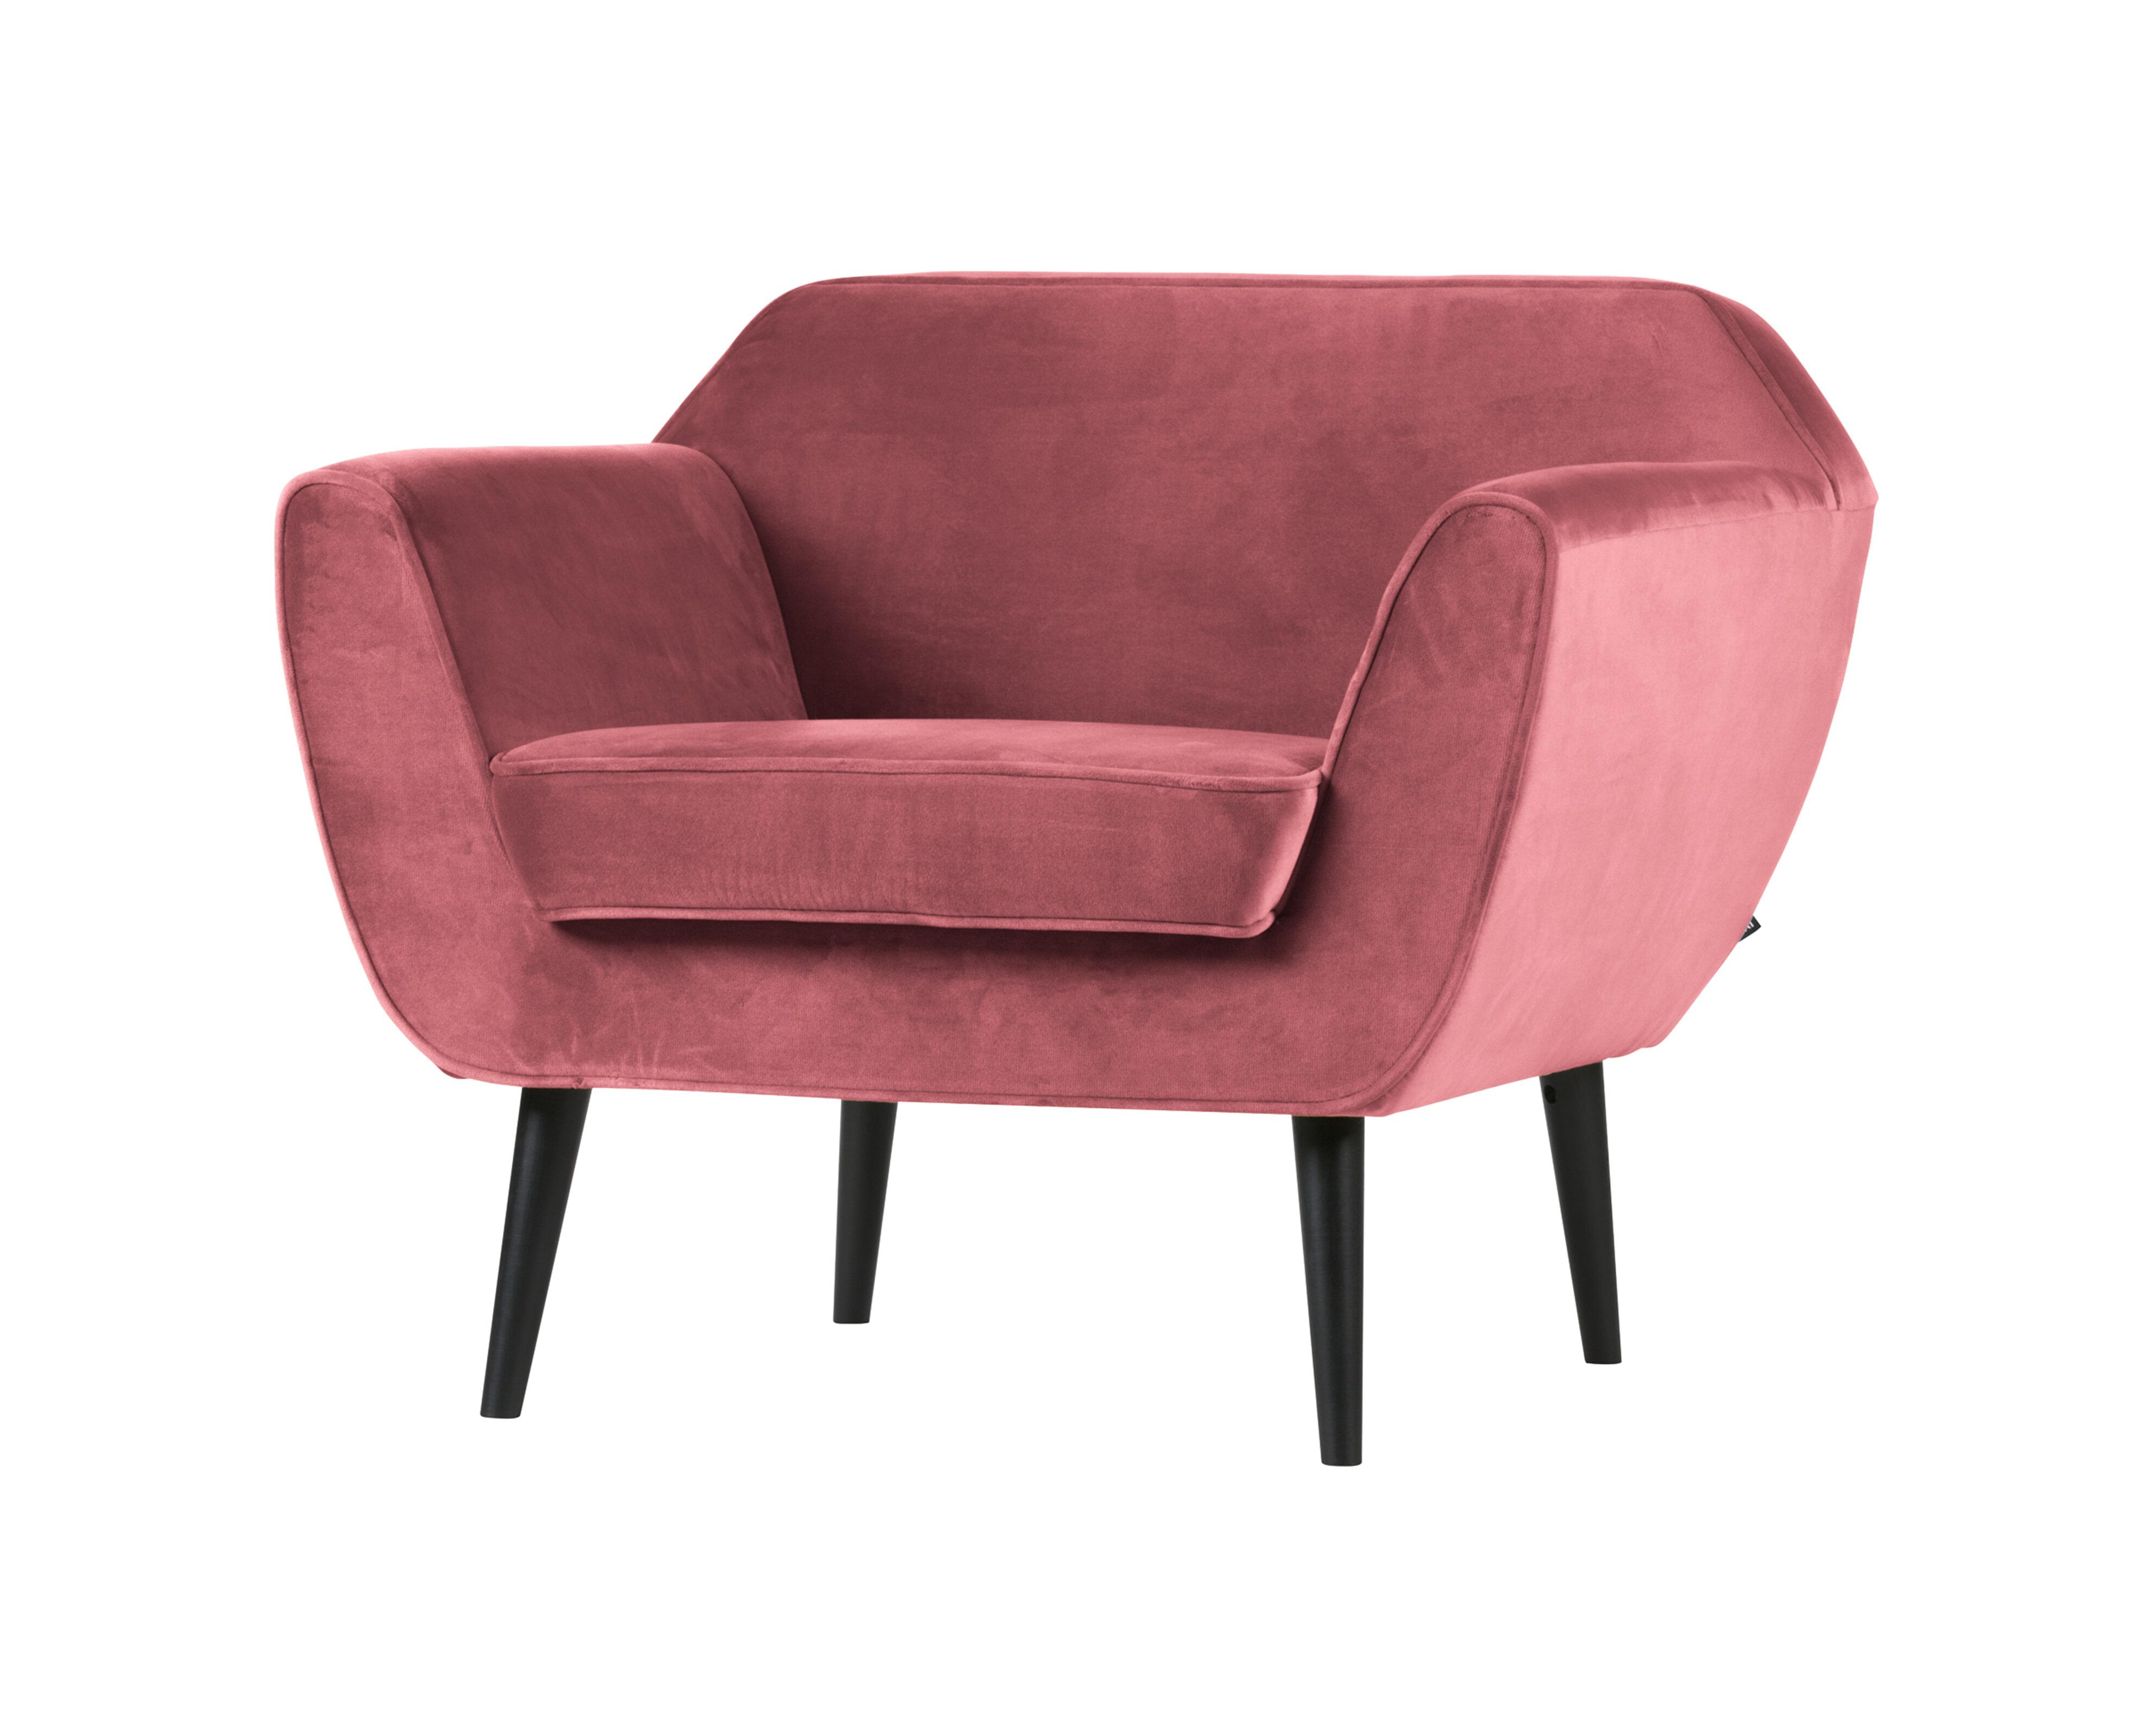 Uw partner in meubels: WOOOD Fauteuil 'Rocco', kleur Roze